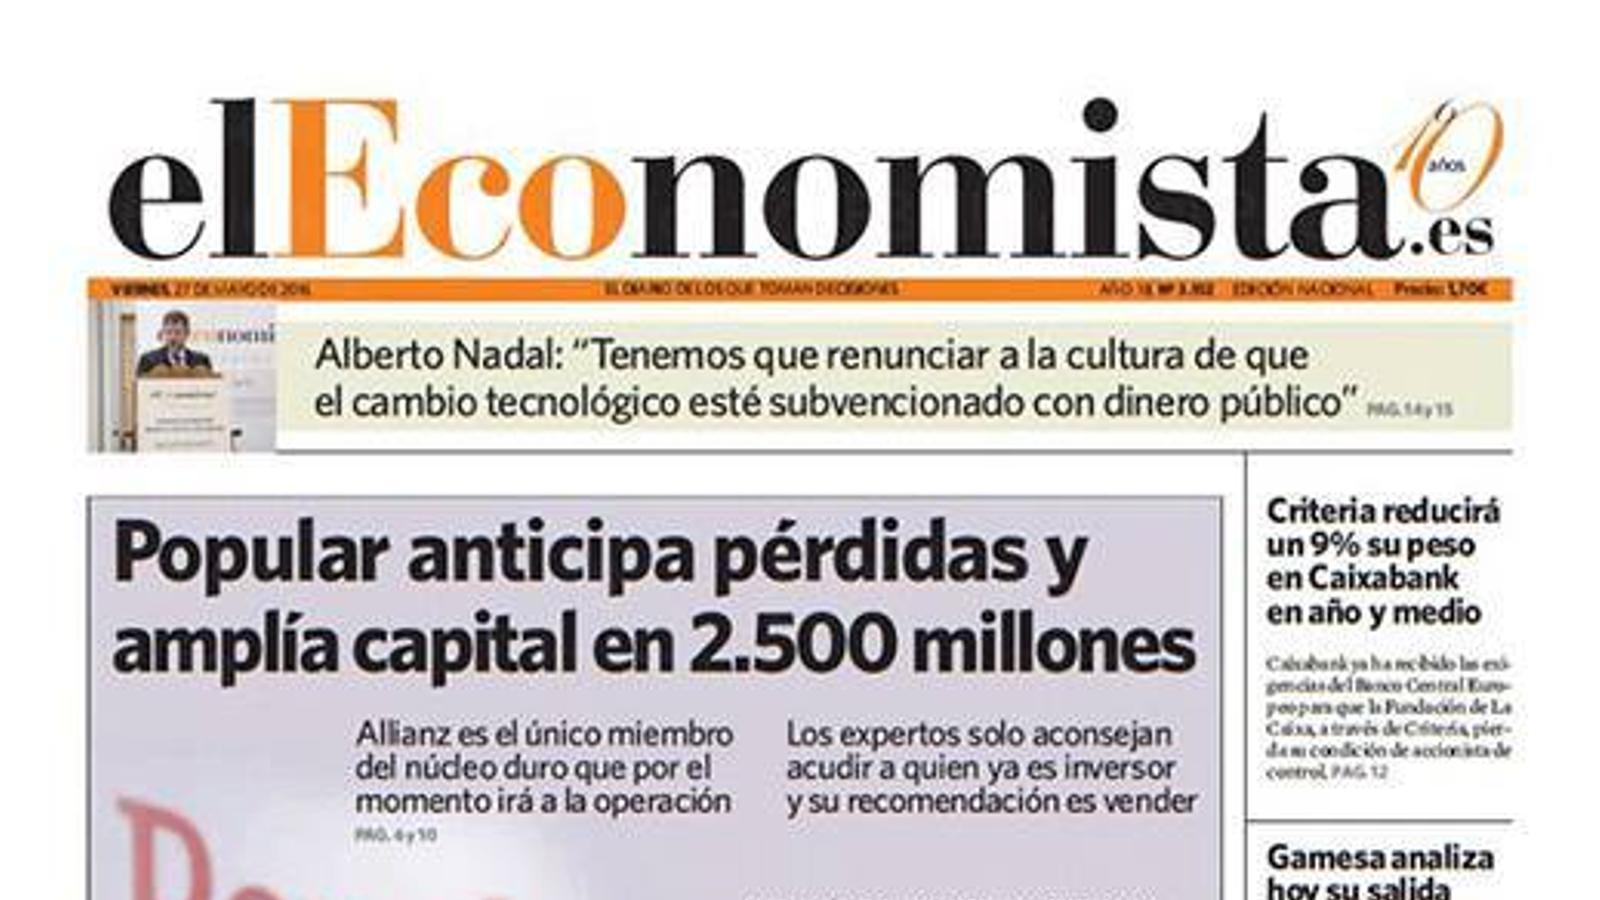 La crisi del Banco Popular, a les portades de la premsa econòmica